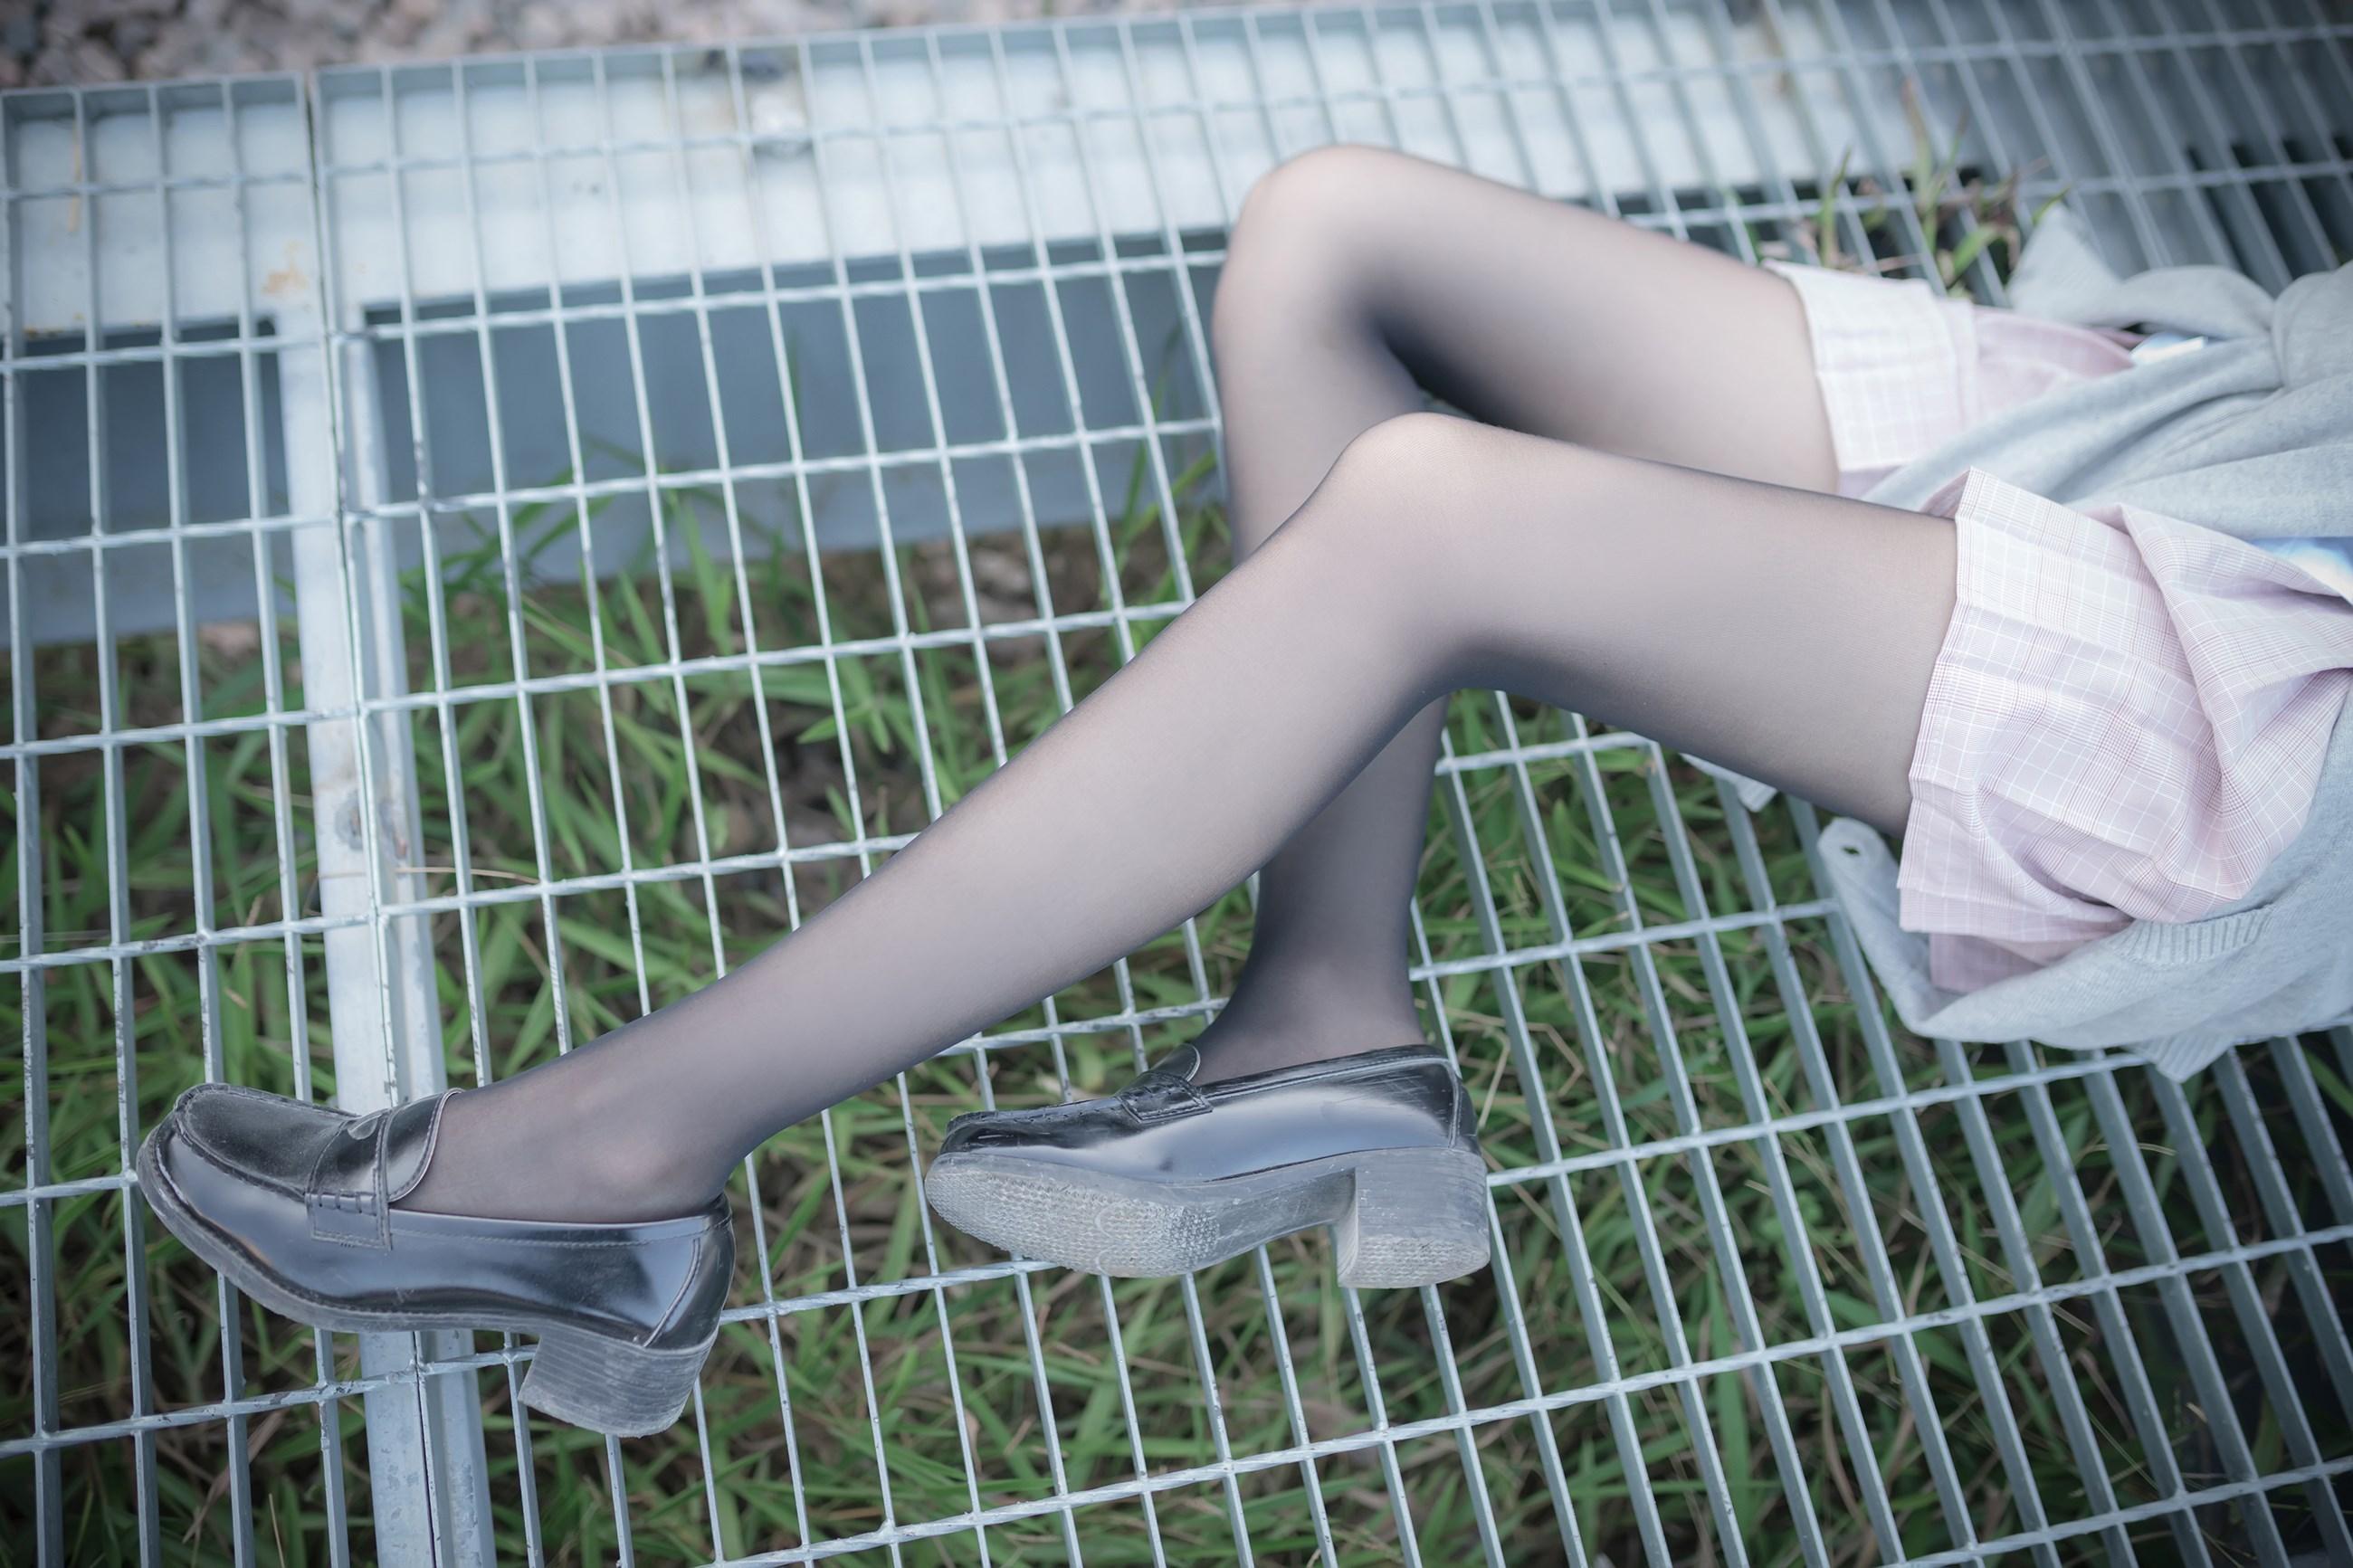 【兔玩映画】铁轨旁的小细腿 兔玩映画 第38张